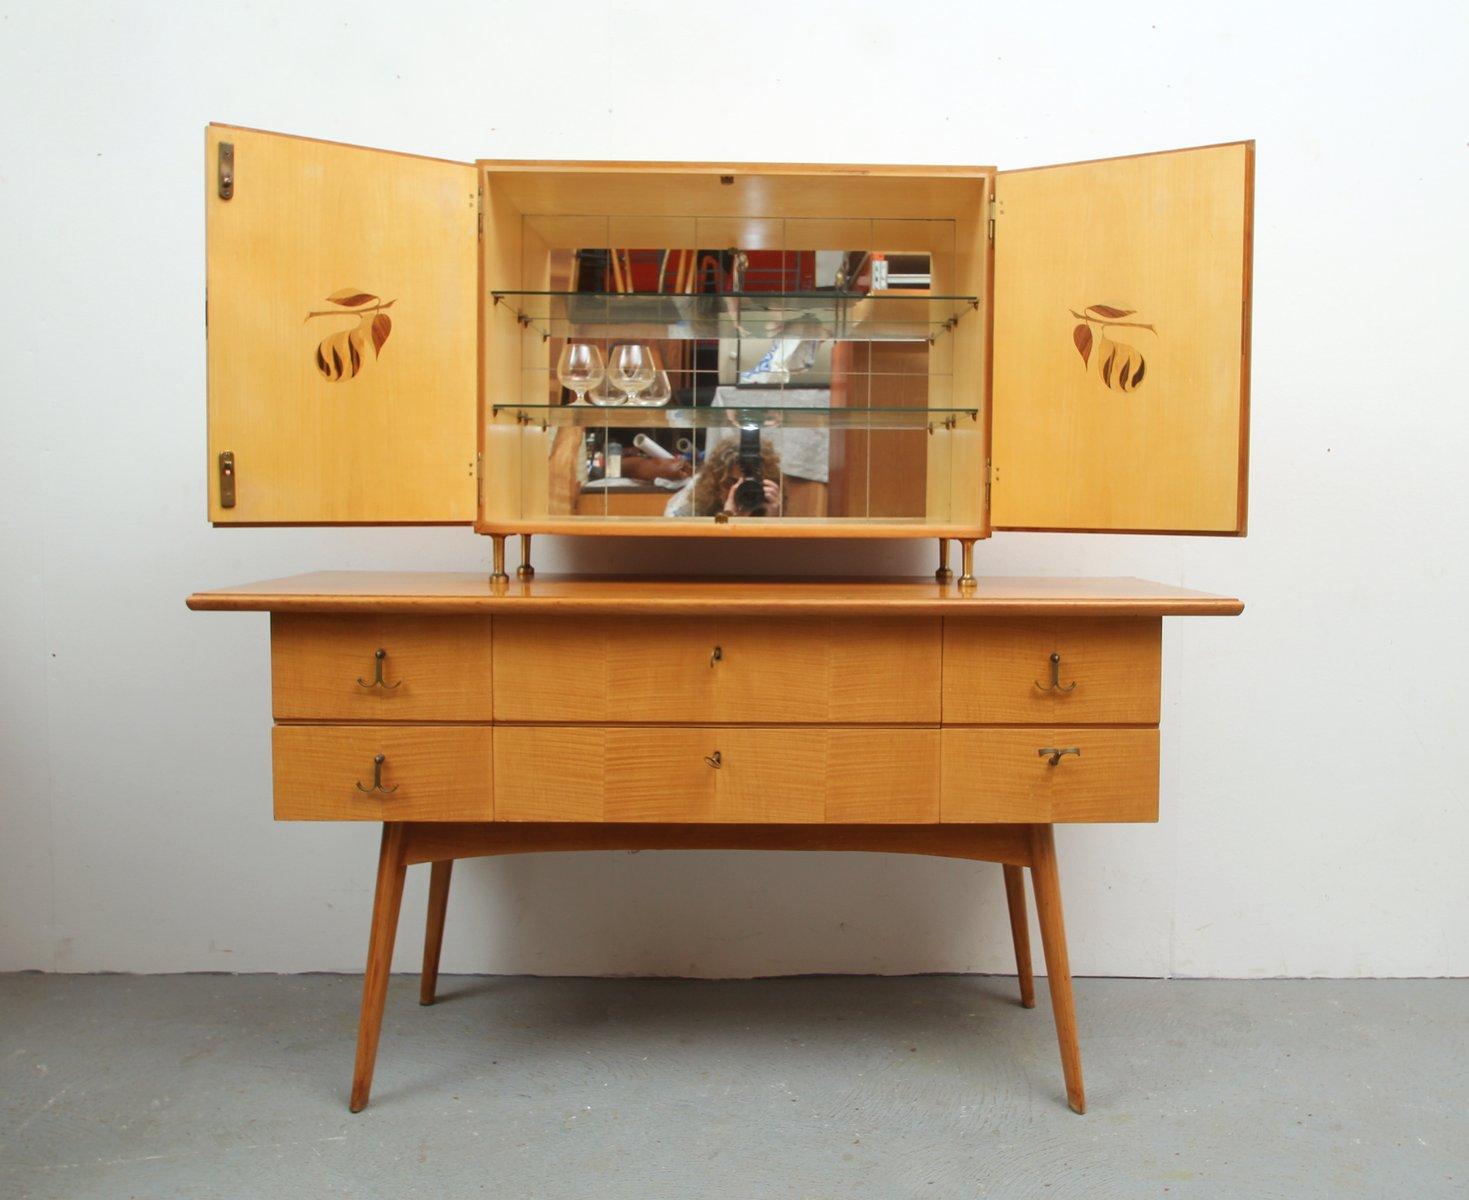 Aparador y mueble bar de cerezo a os 50 en venta en pamono - Mueble anos 50 ...